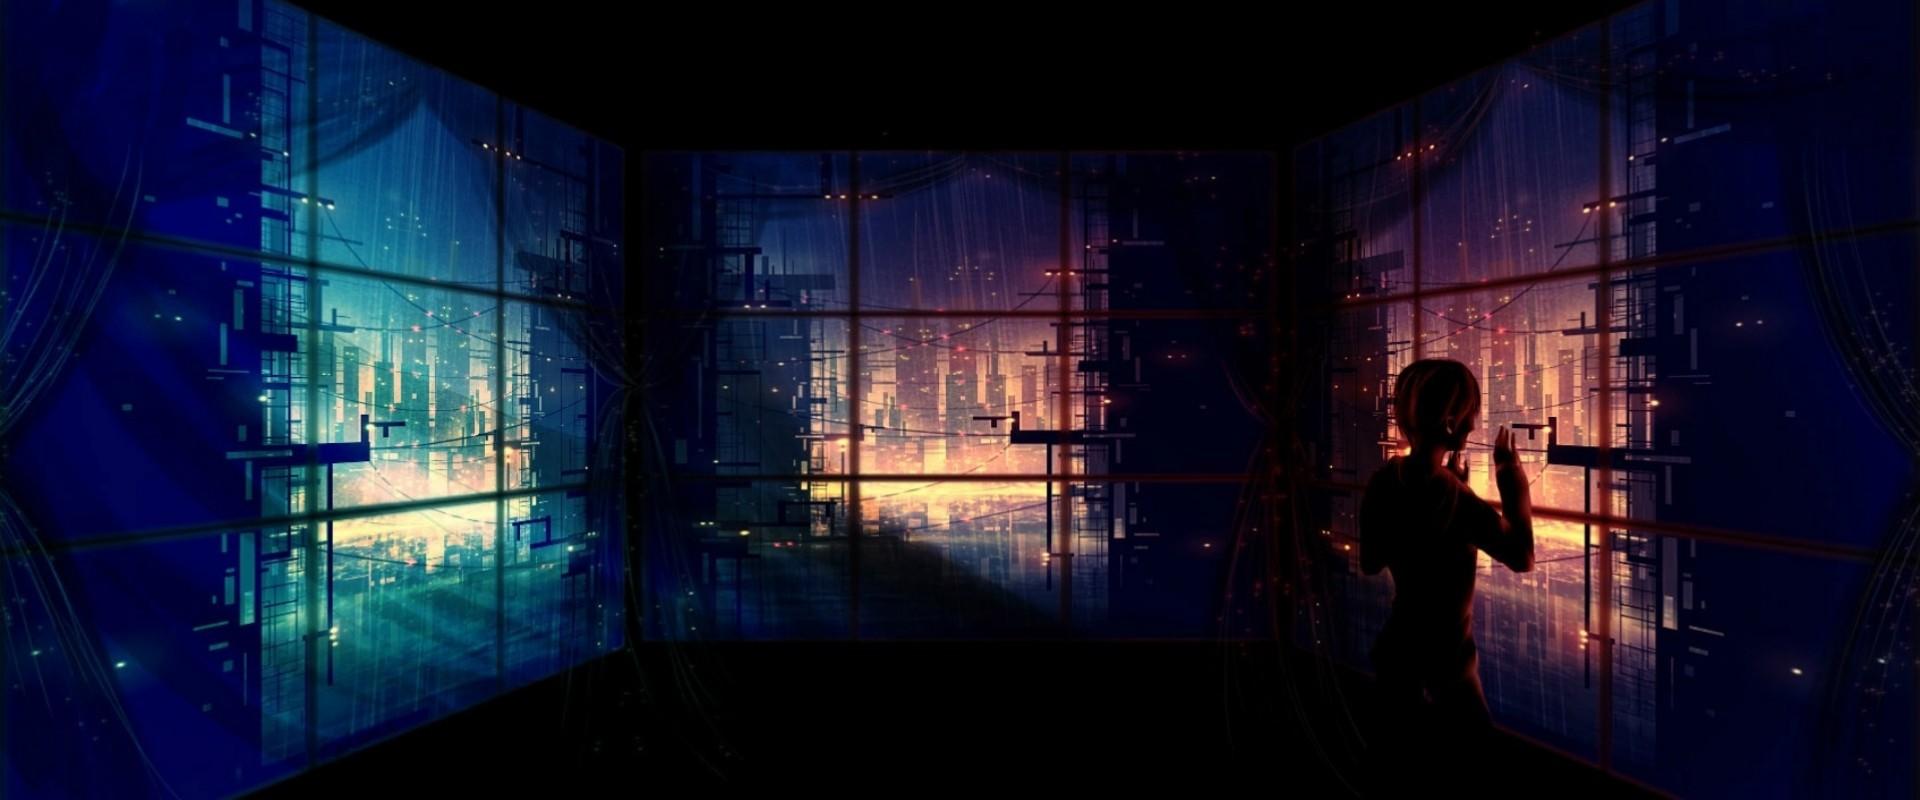 Fondos de pantalla : Arte fantasía, ventana, ciudad, noche ...